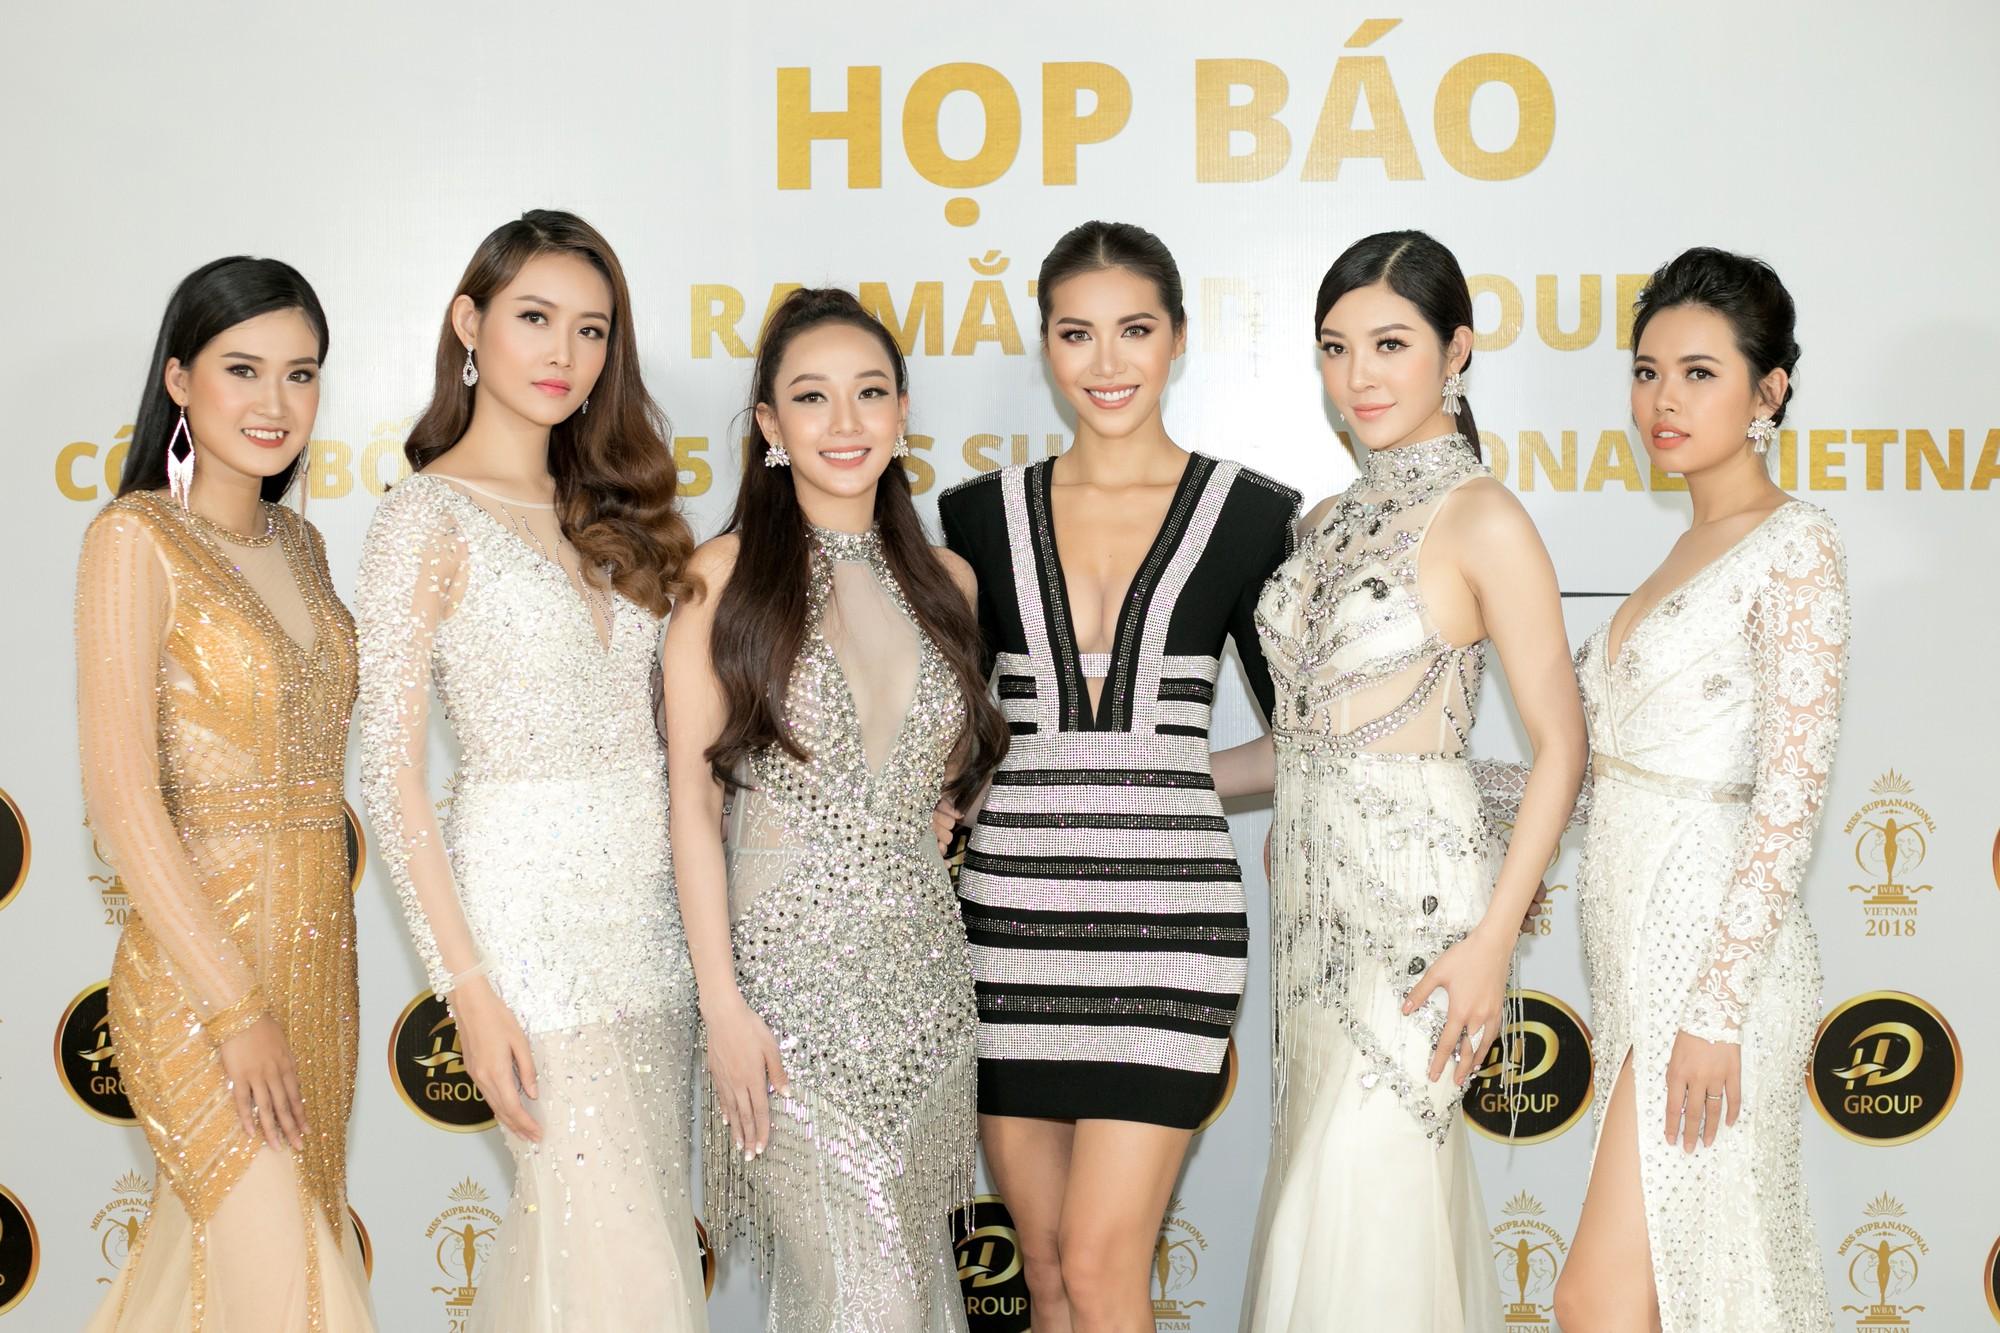 Không ngoài dự đoán, Trương Mỹ Nhân và Ngọc Châu Next Top thẳng tiến vào Top 15 Miss Supranational Vietnam 2018 - Ảnh 16.